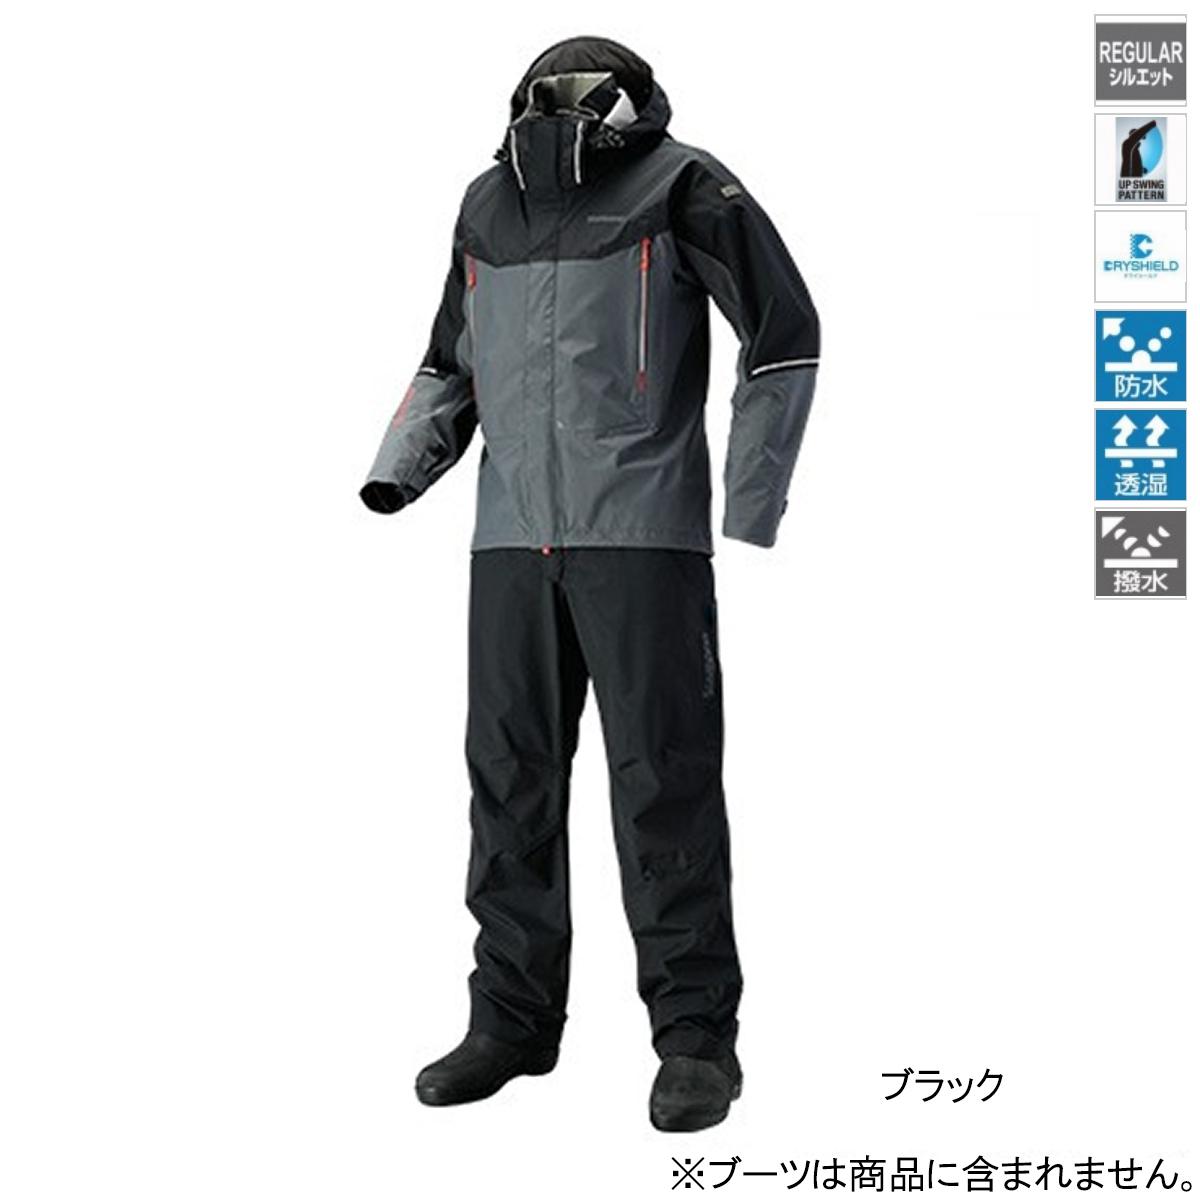 シマノ DSアドバンススーツ RA-025S XL ブラック